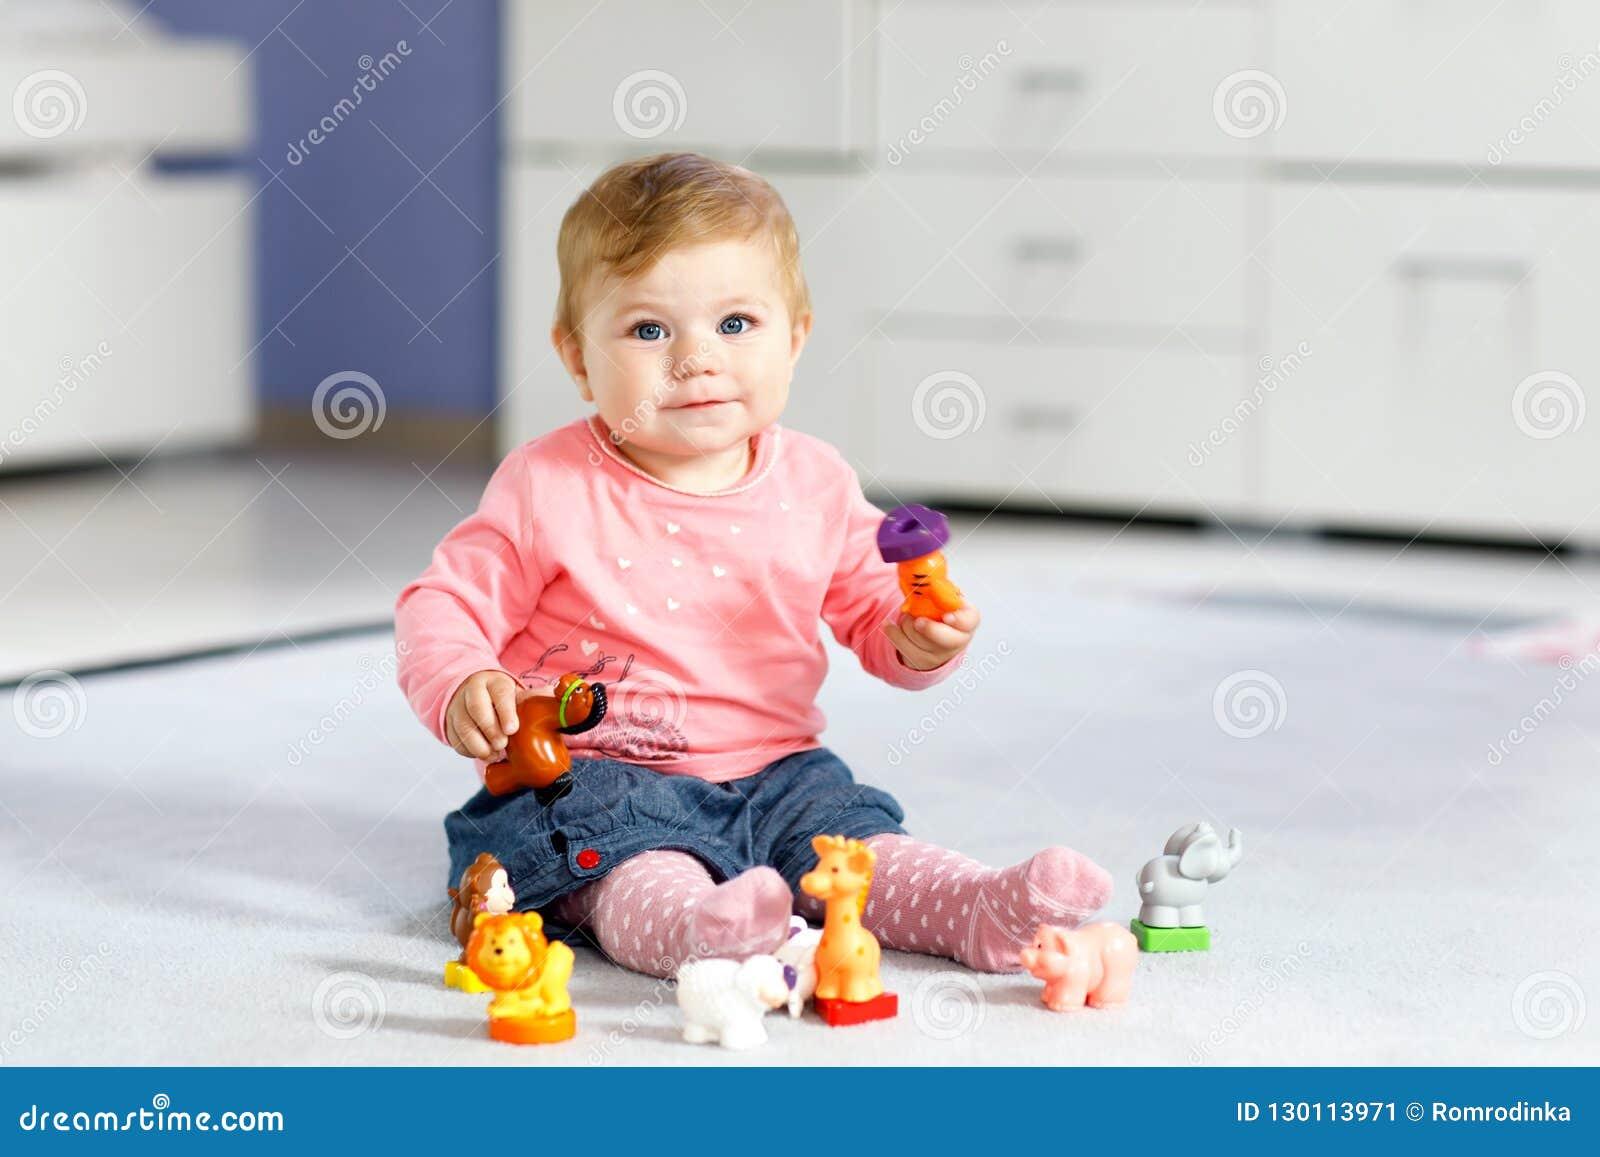 Прелестный ребёнок играя с отечественными любимчиками игрушки как корова, лошадь, овцы, собака и дикие животные любят жираф, слон